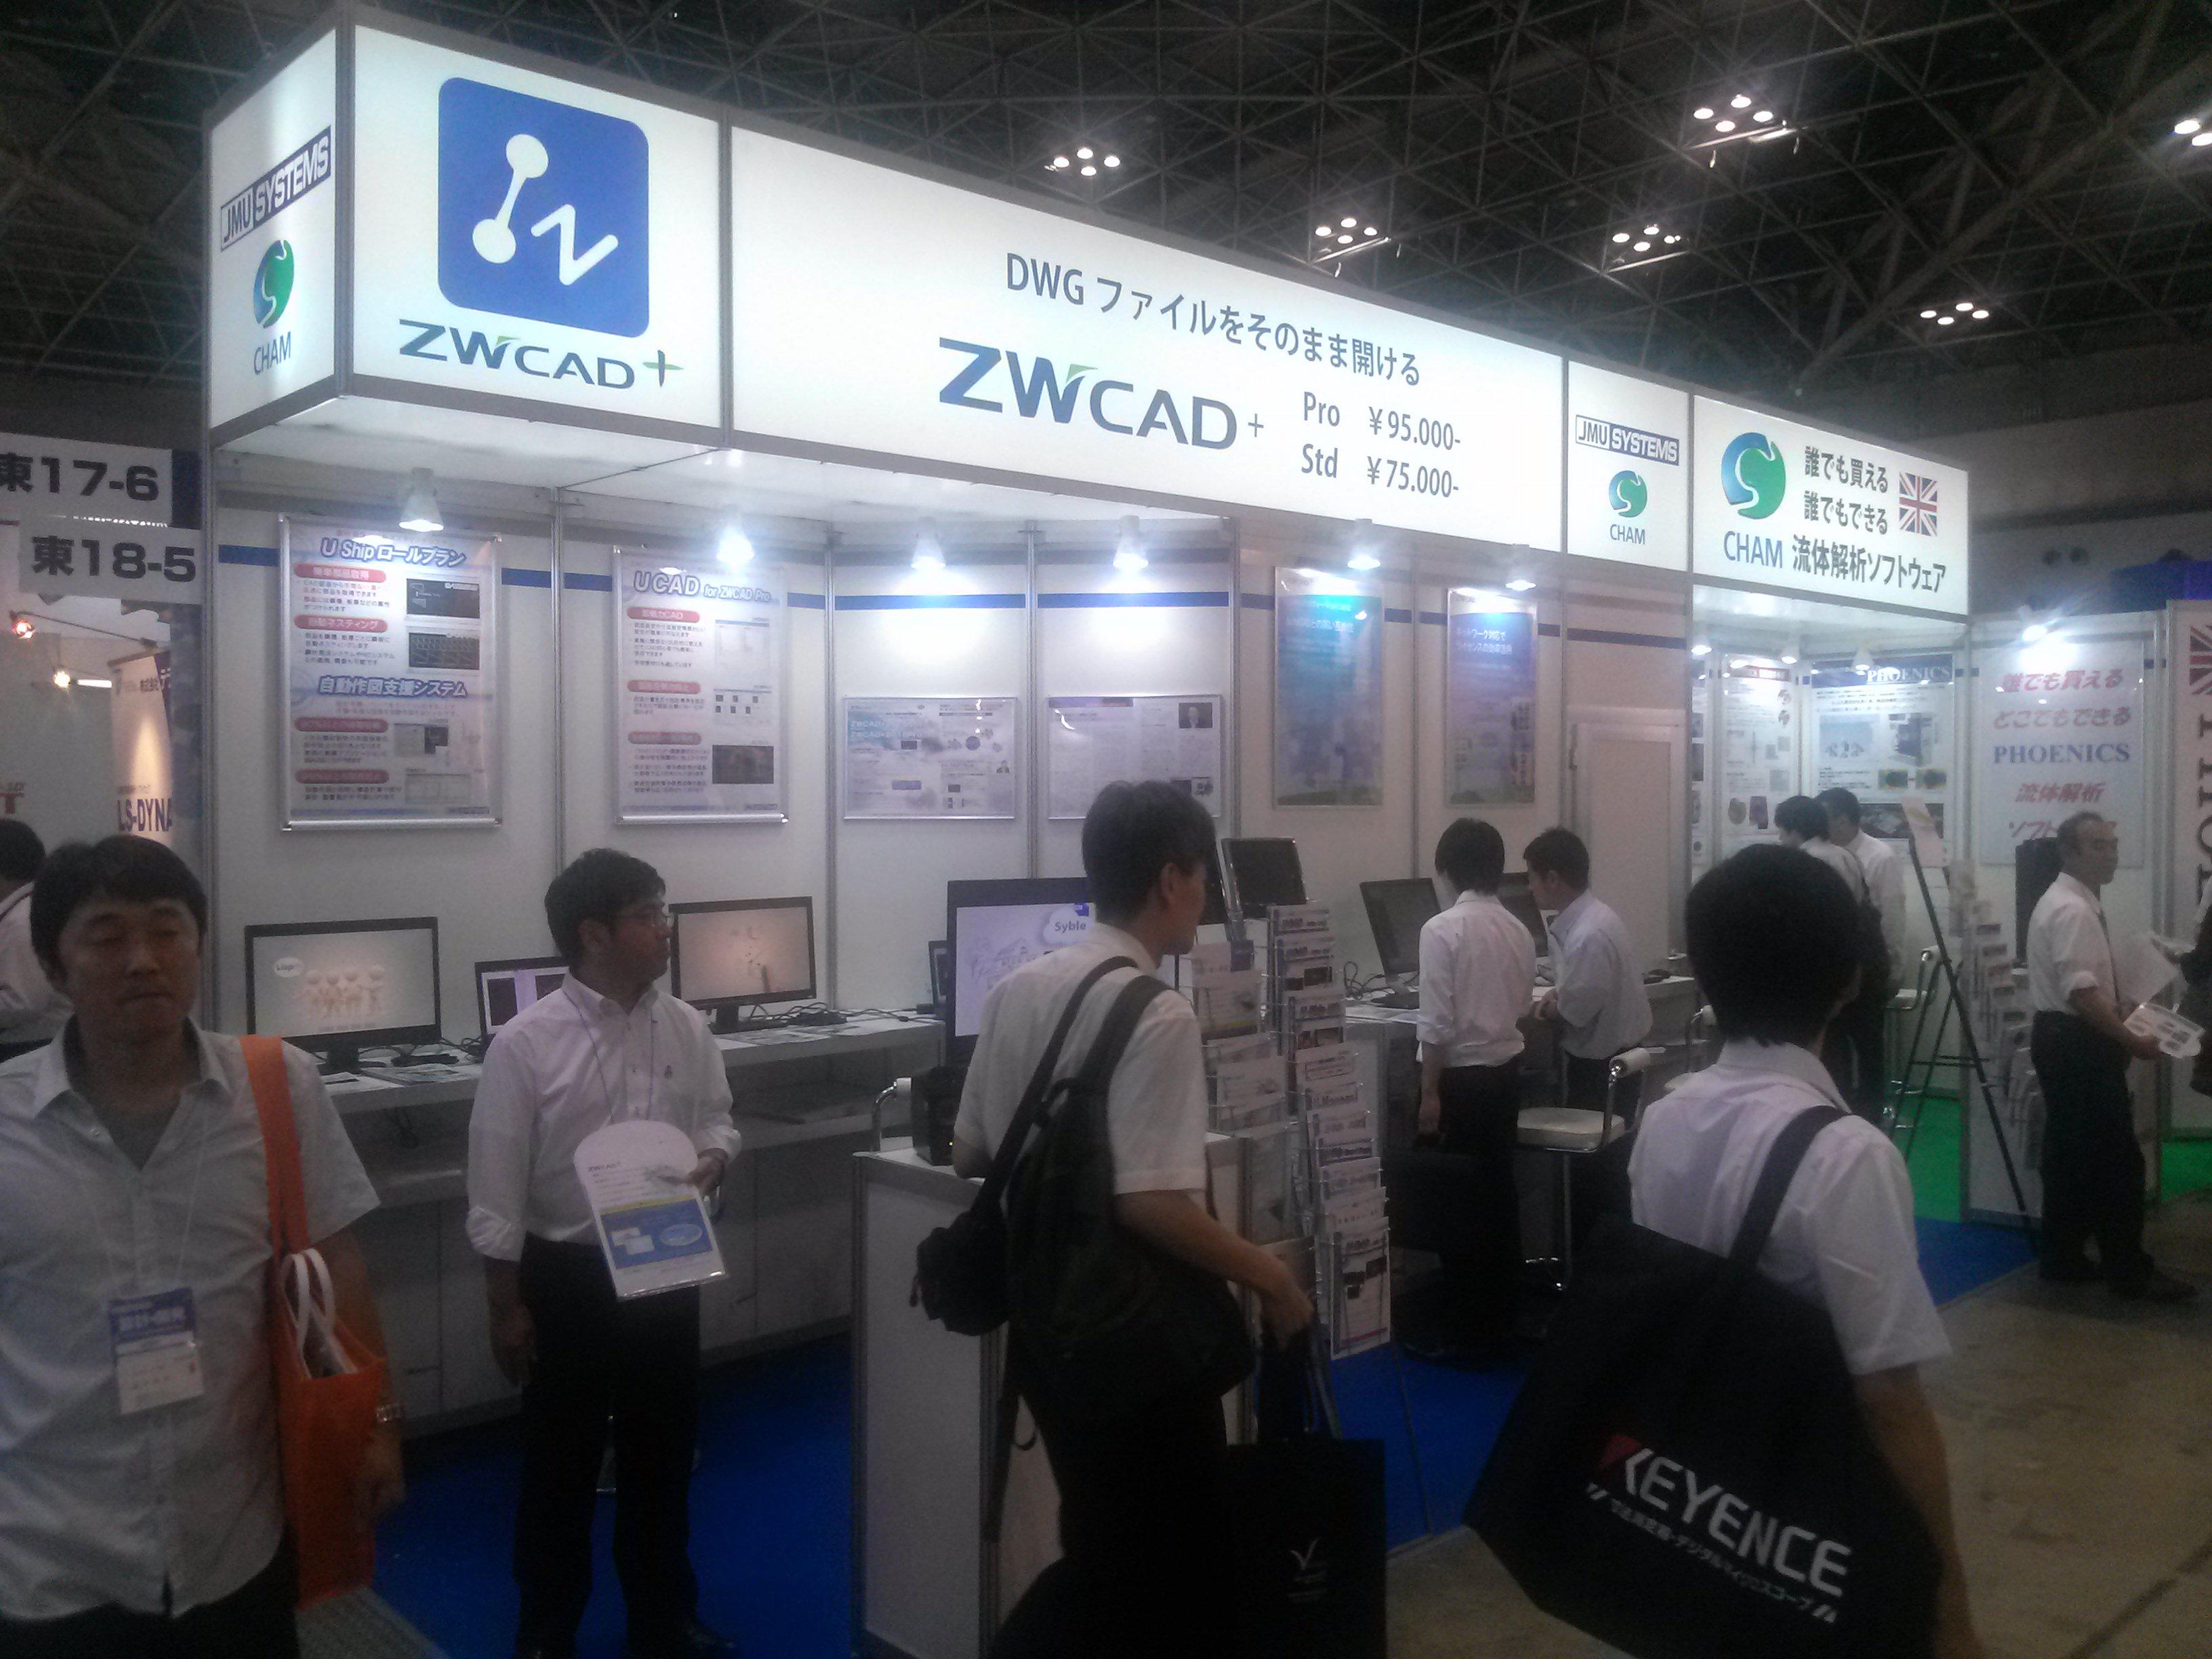 ZWCAD+は設計・製造ソリューション展2015に出展しました